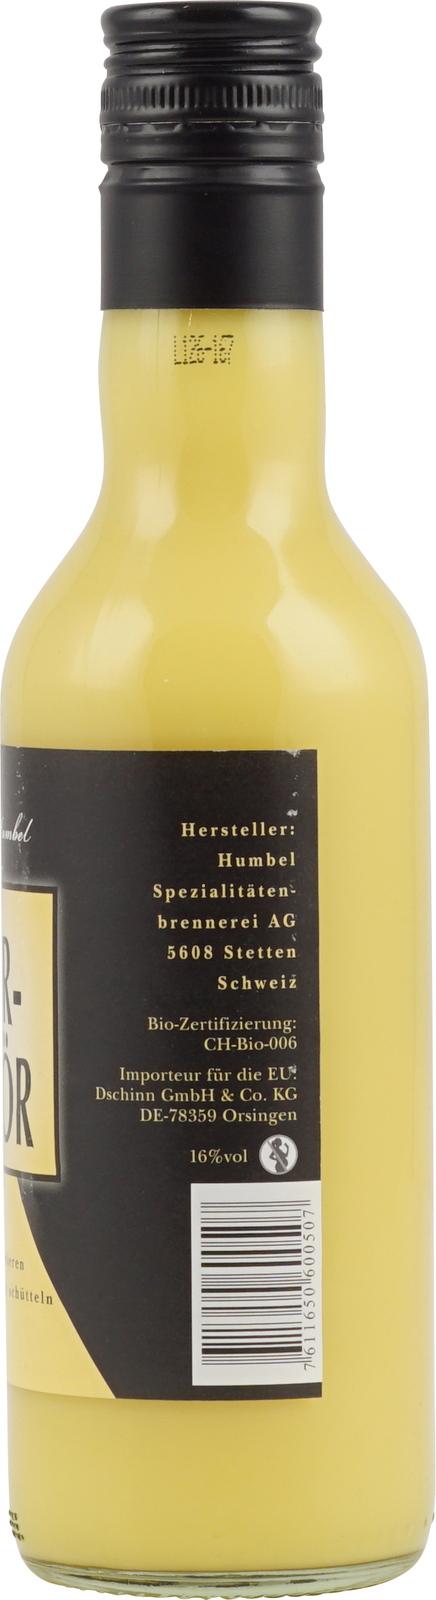 Humbel Schweizer Bio Eierlikör günstig im Schnaps & Likör Online Shop